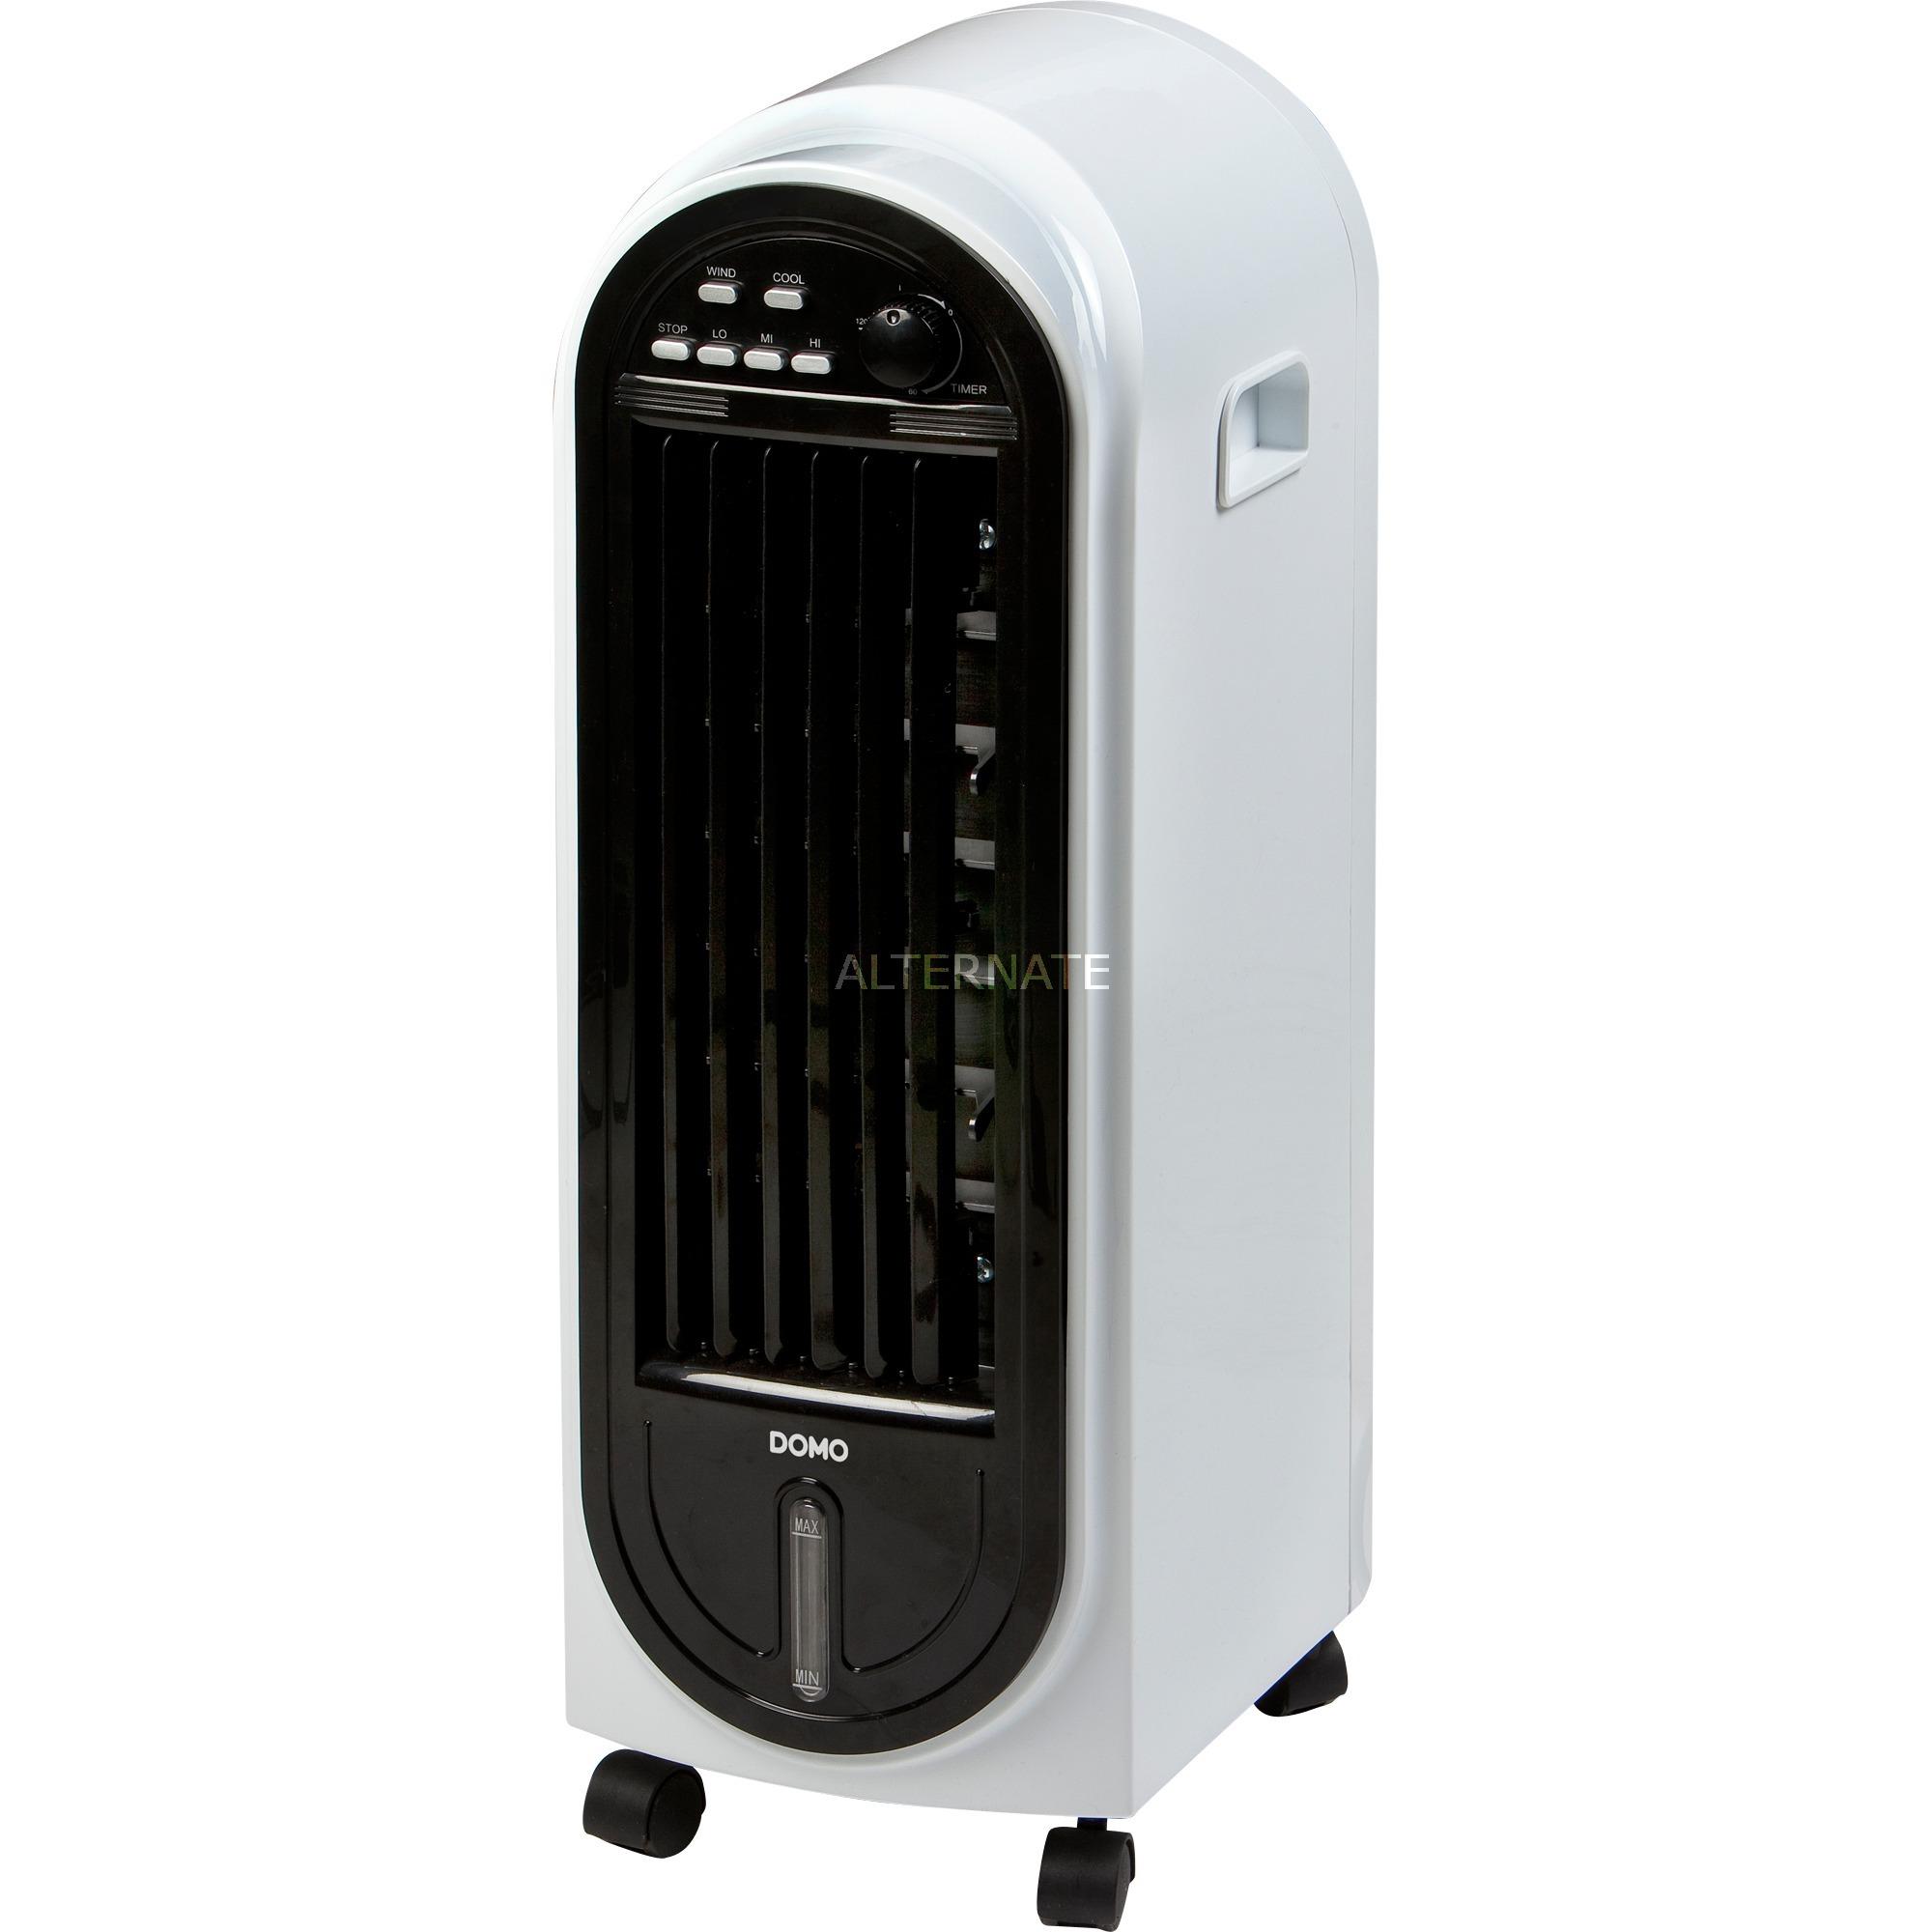 DO151A 4L 70W Negro, Color blanco aire acondicionado portátil, Refrigerador de aire